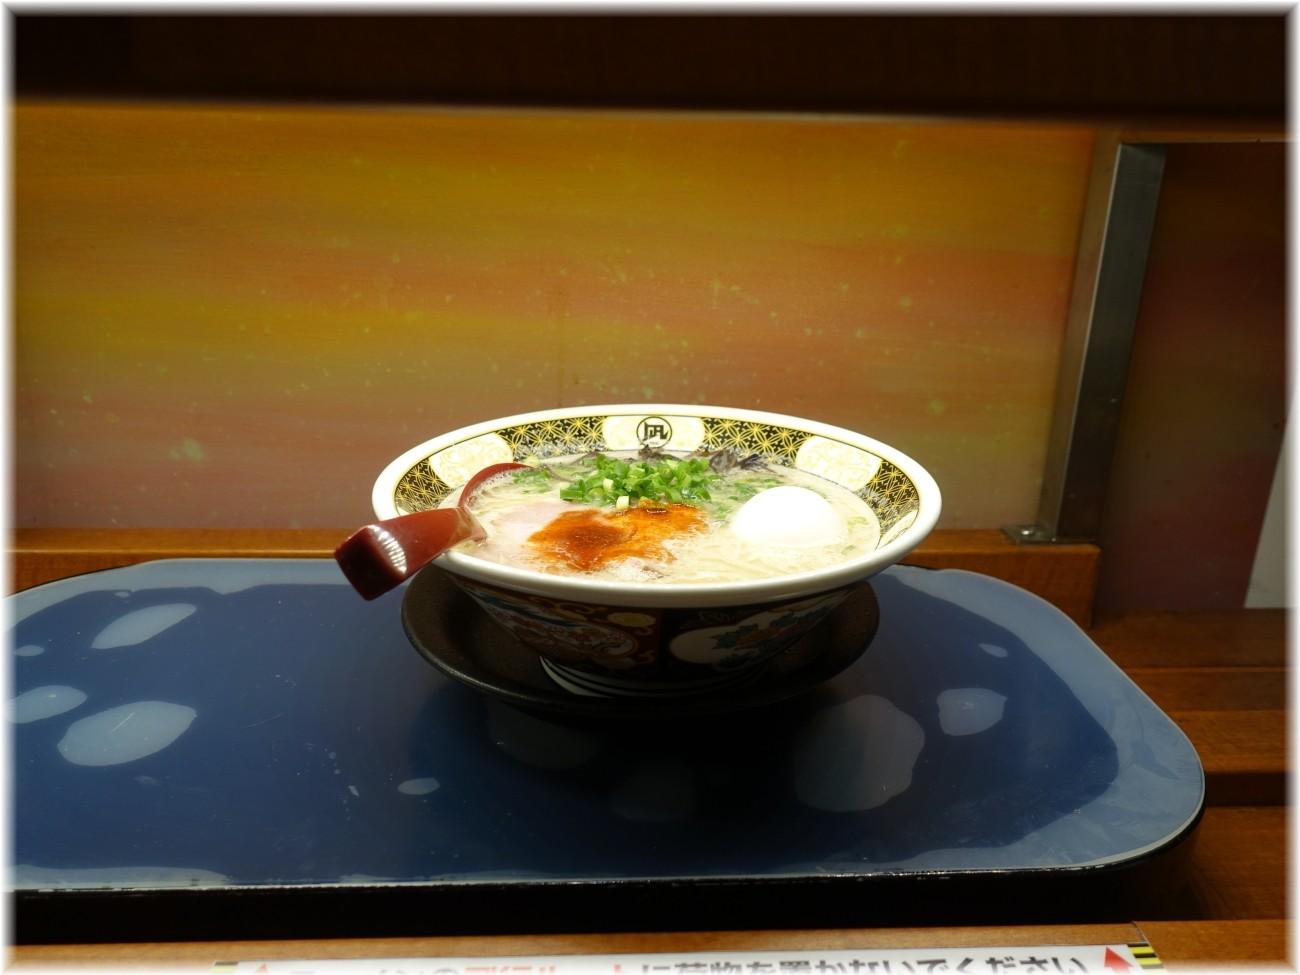 ラーメン凪大宮店2 空飛ぶラーメン